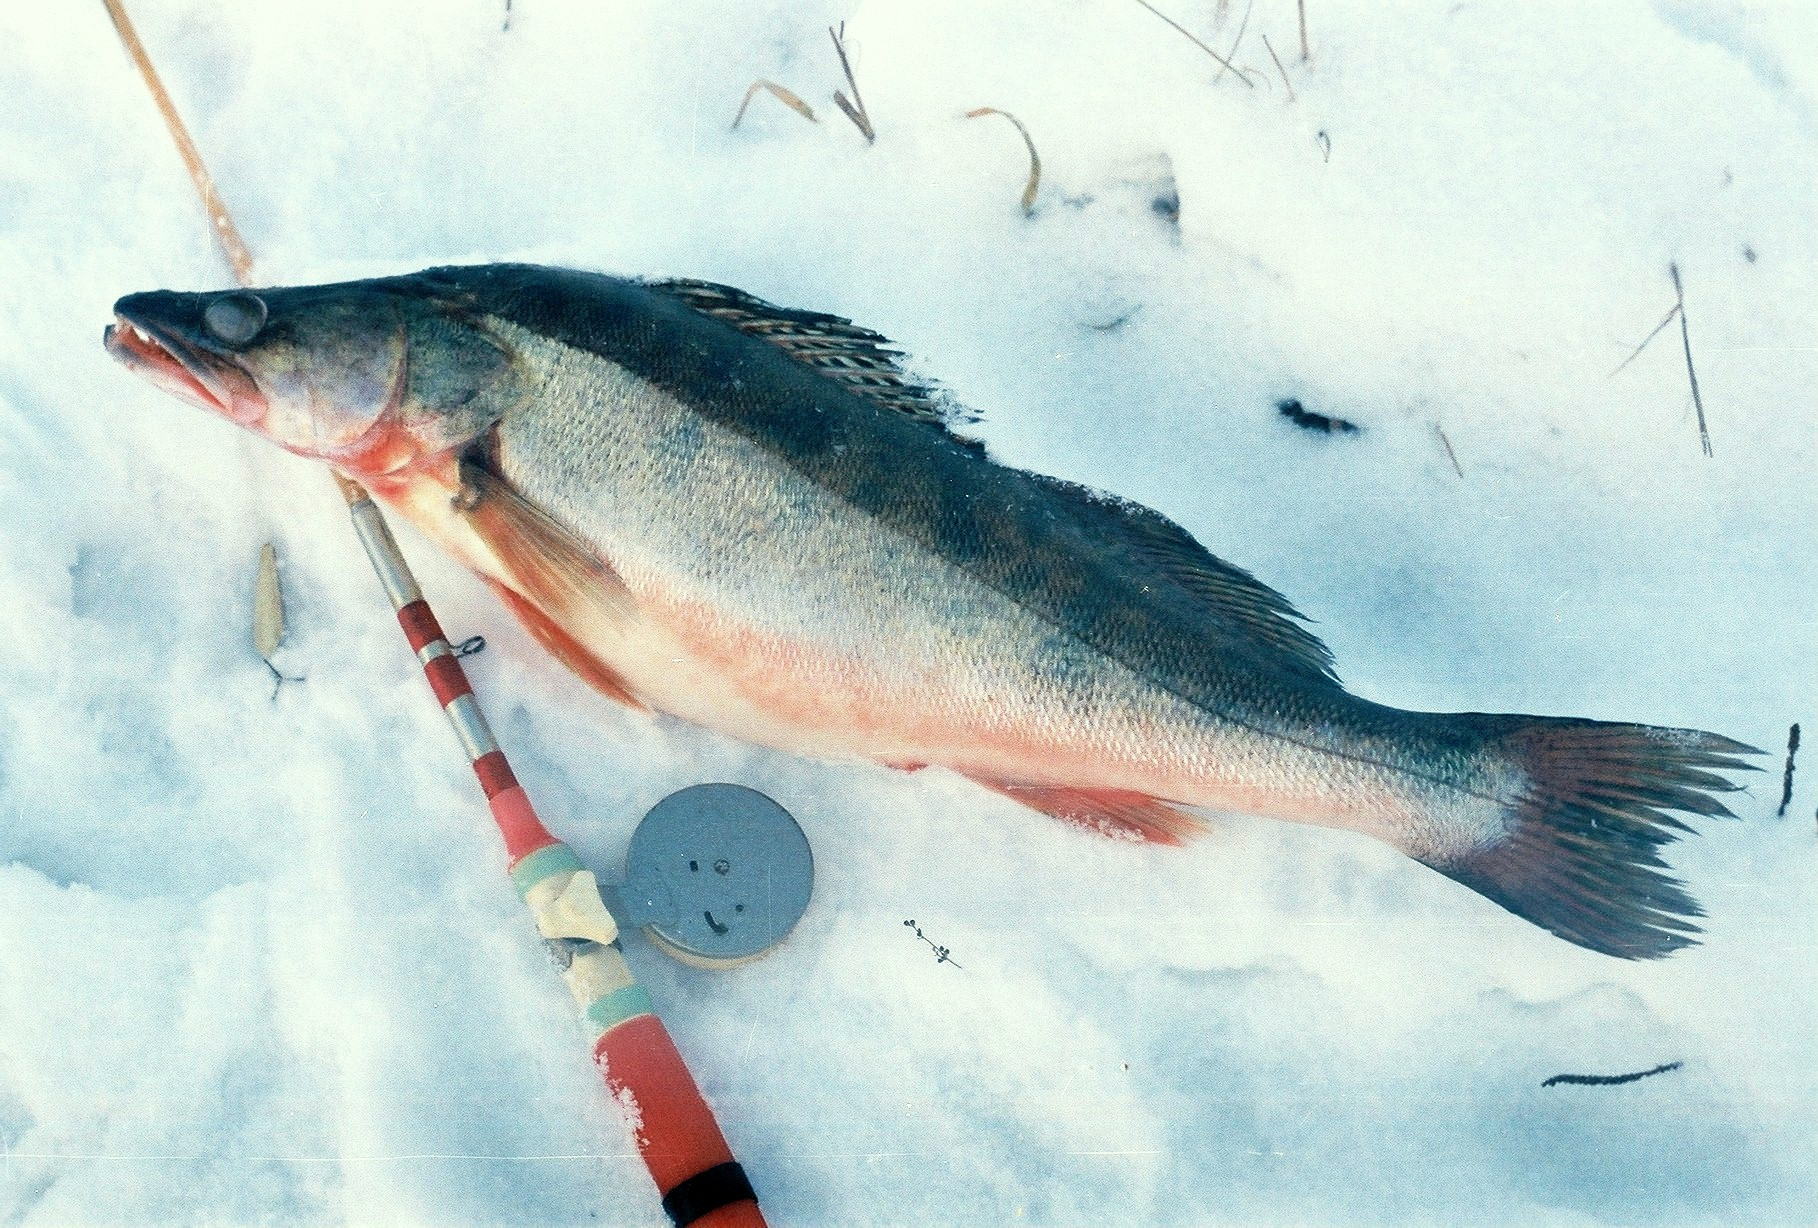 Новогодние приключения на льду, пойманная в зимнем водоёме щука, фото